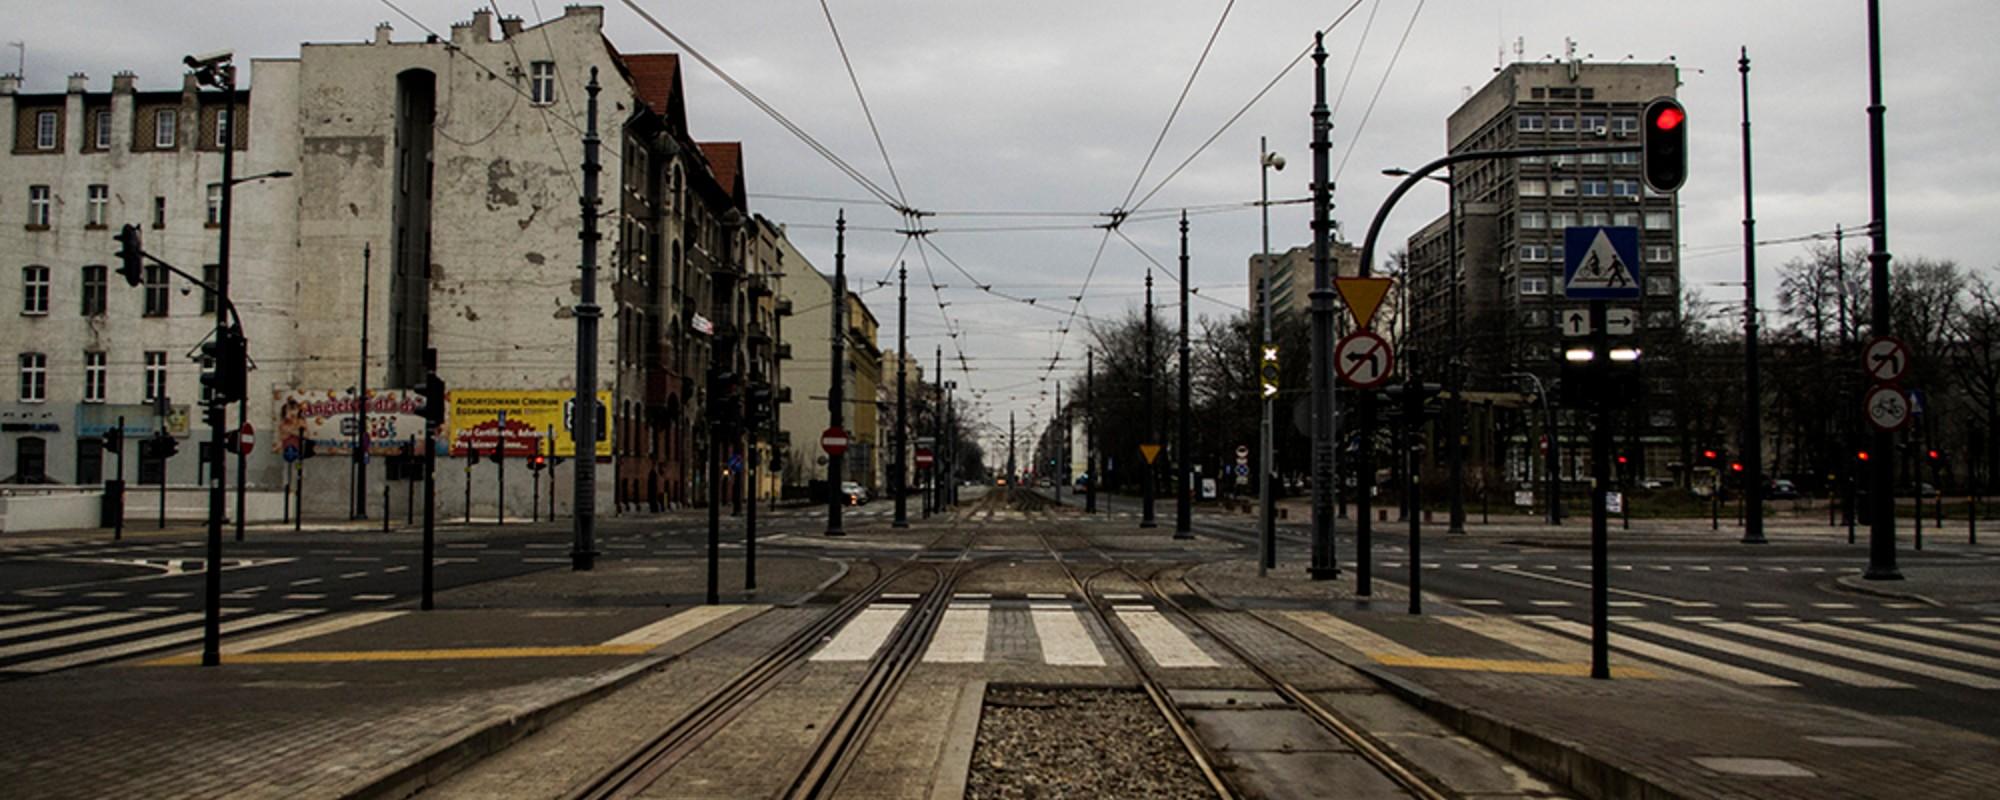 W święta Łódź wymiera